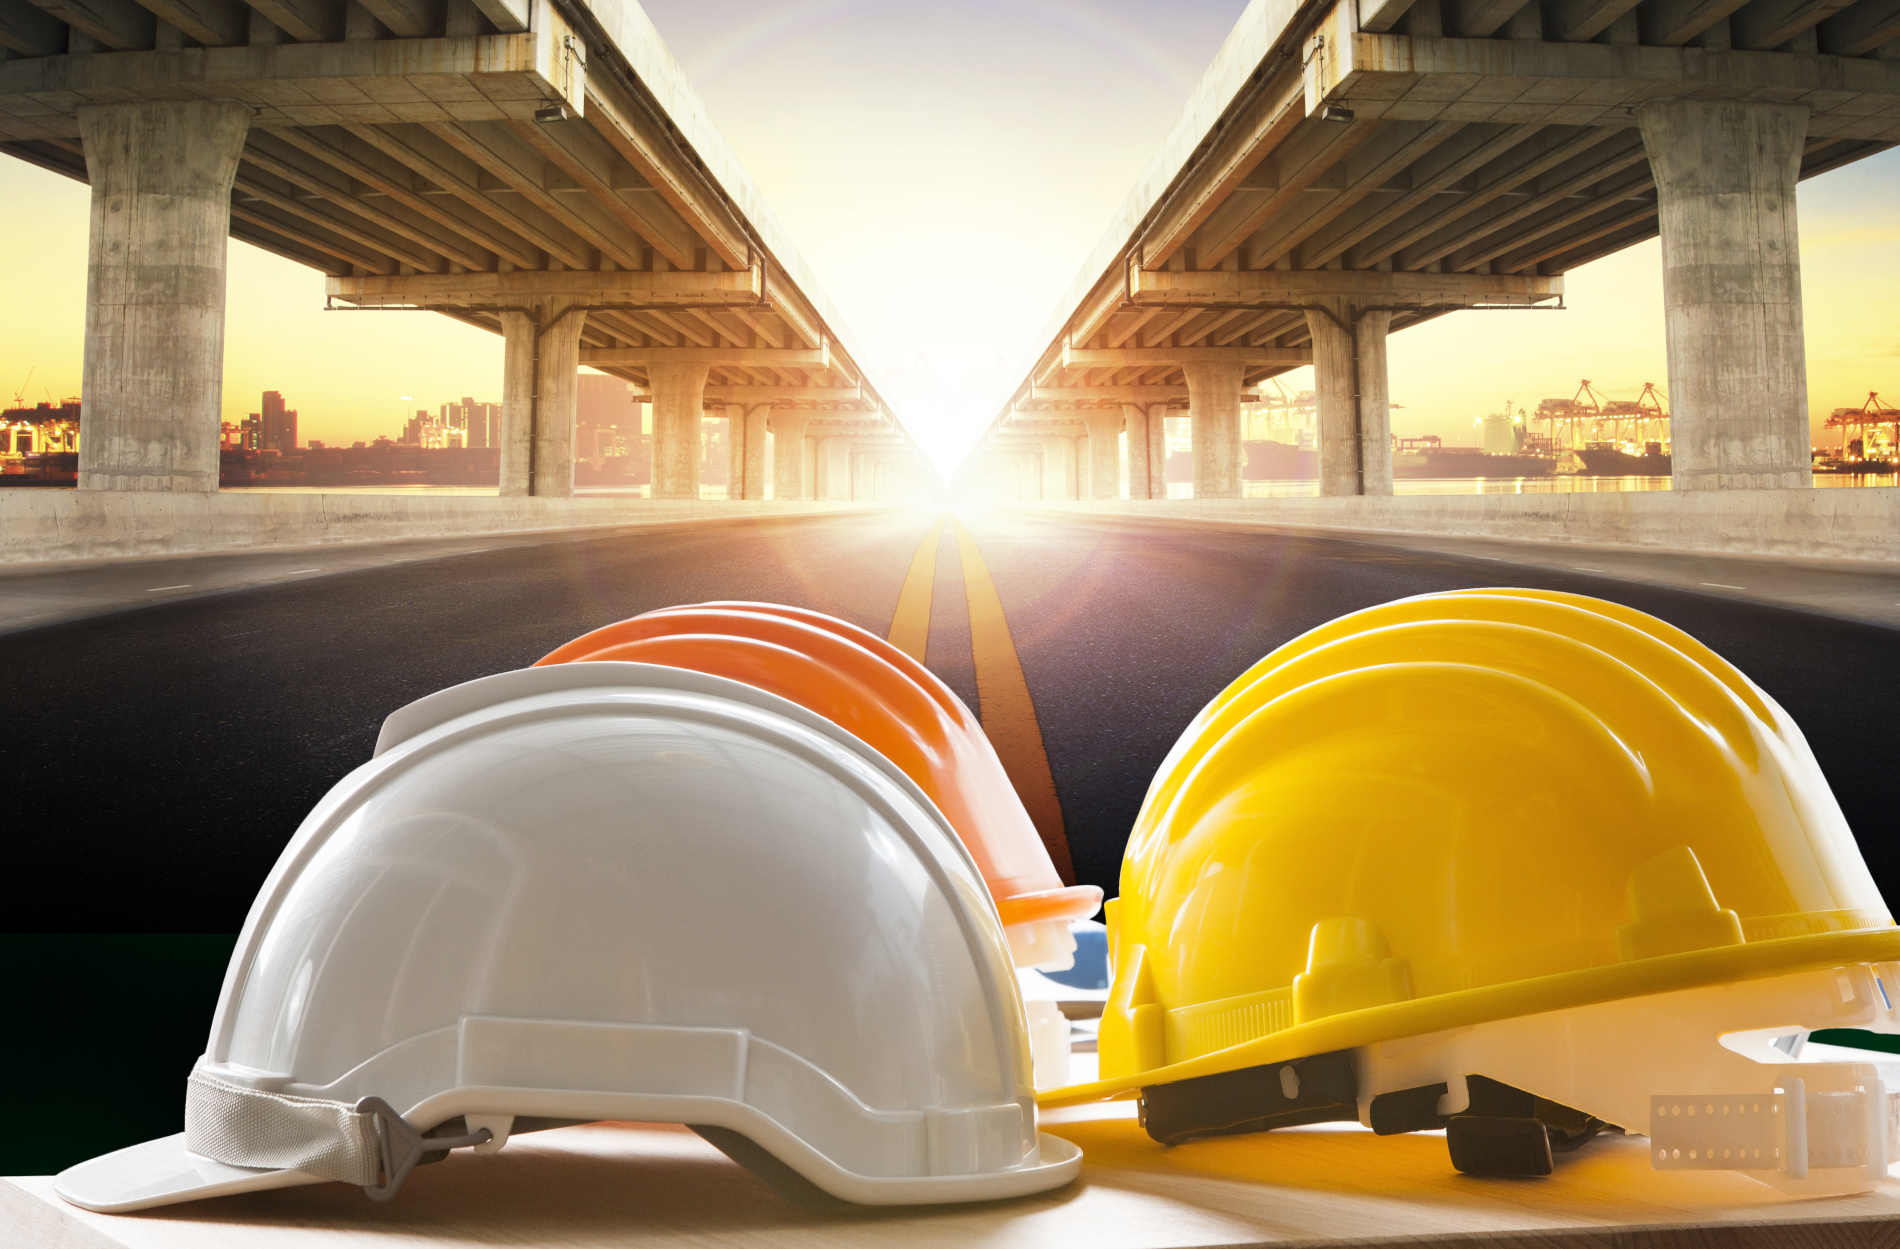 Podwykonawca budowa dróg IDM